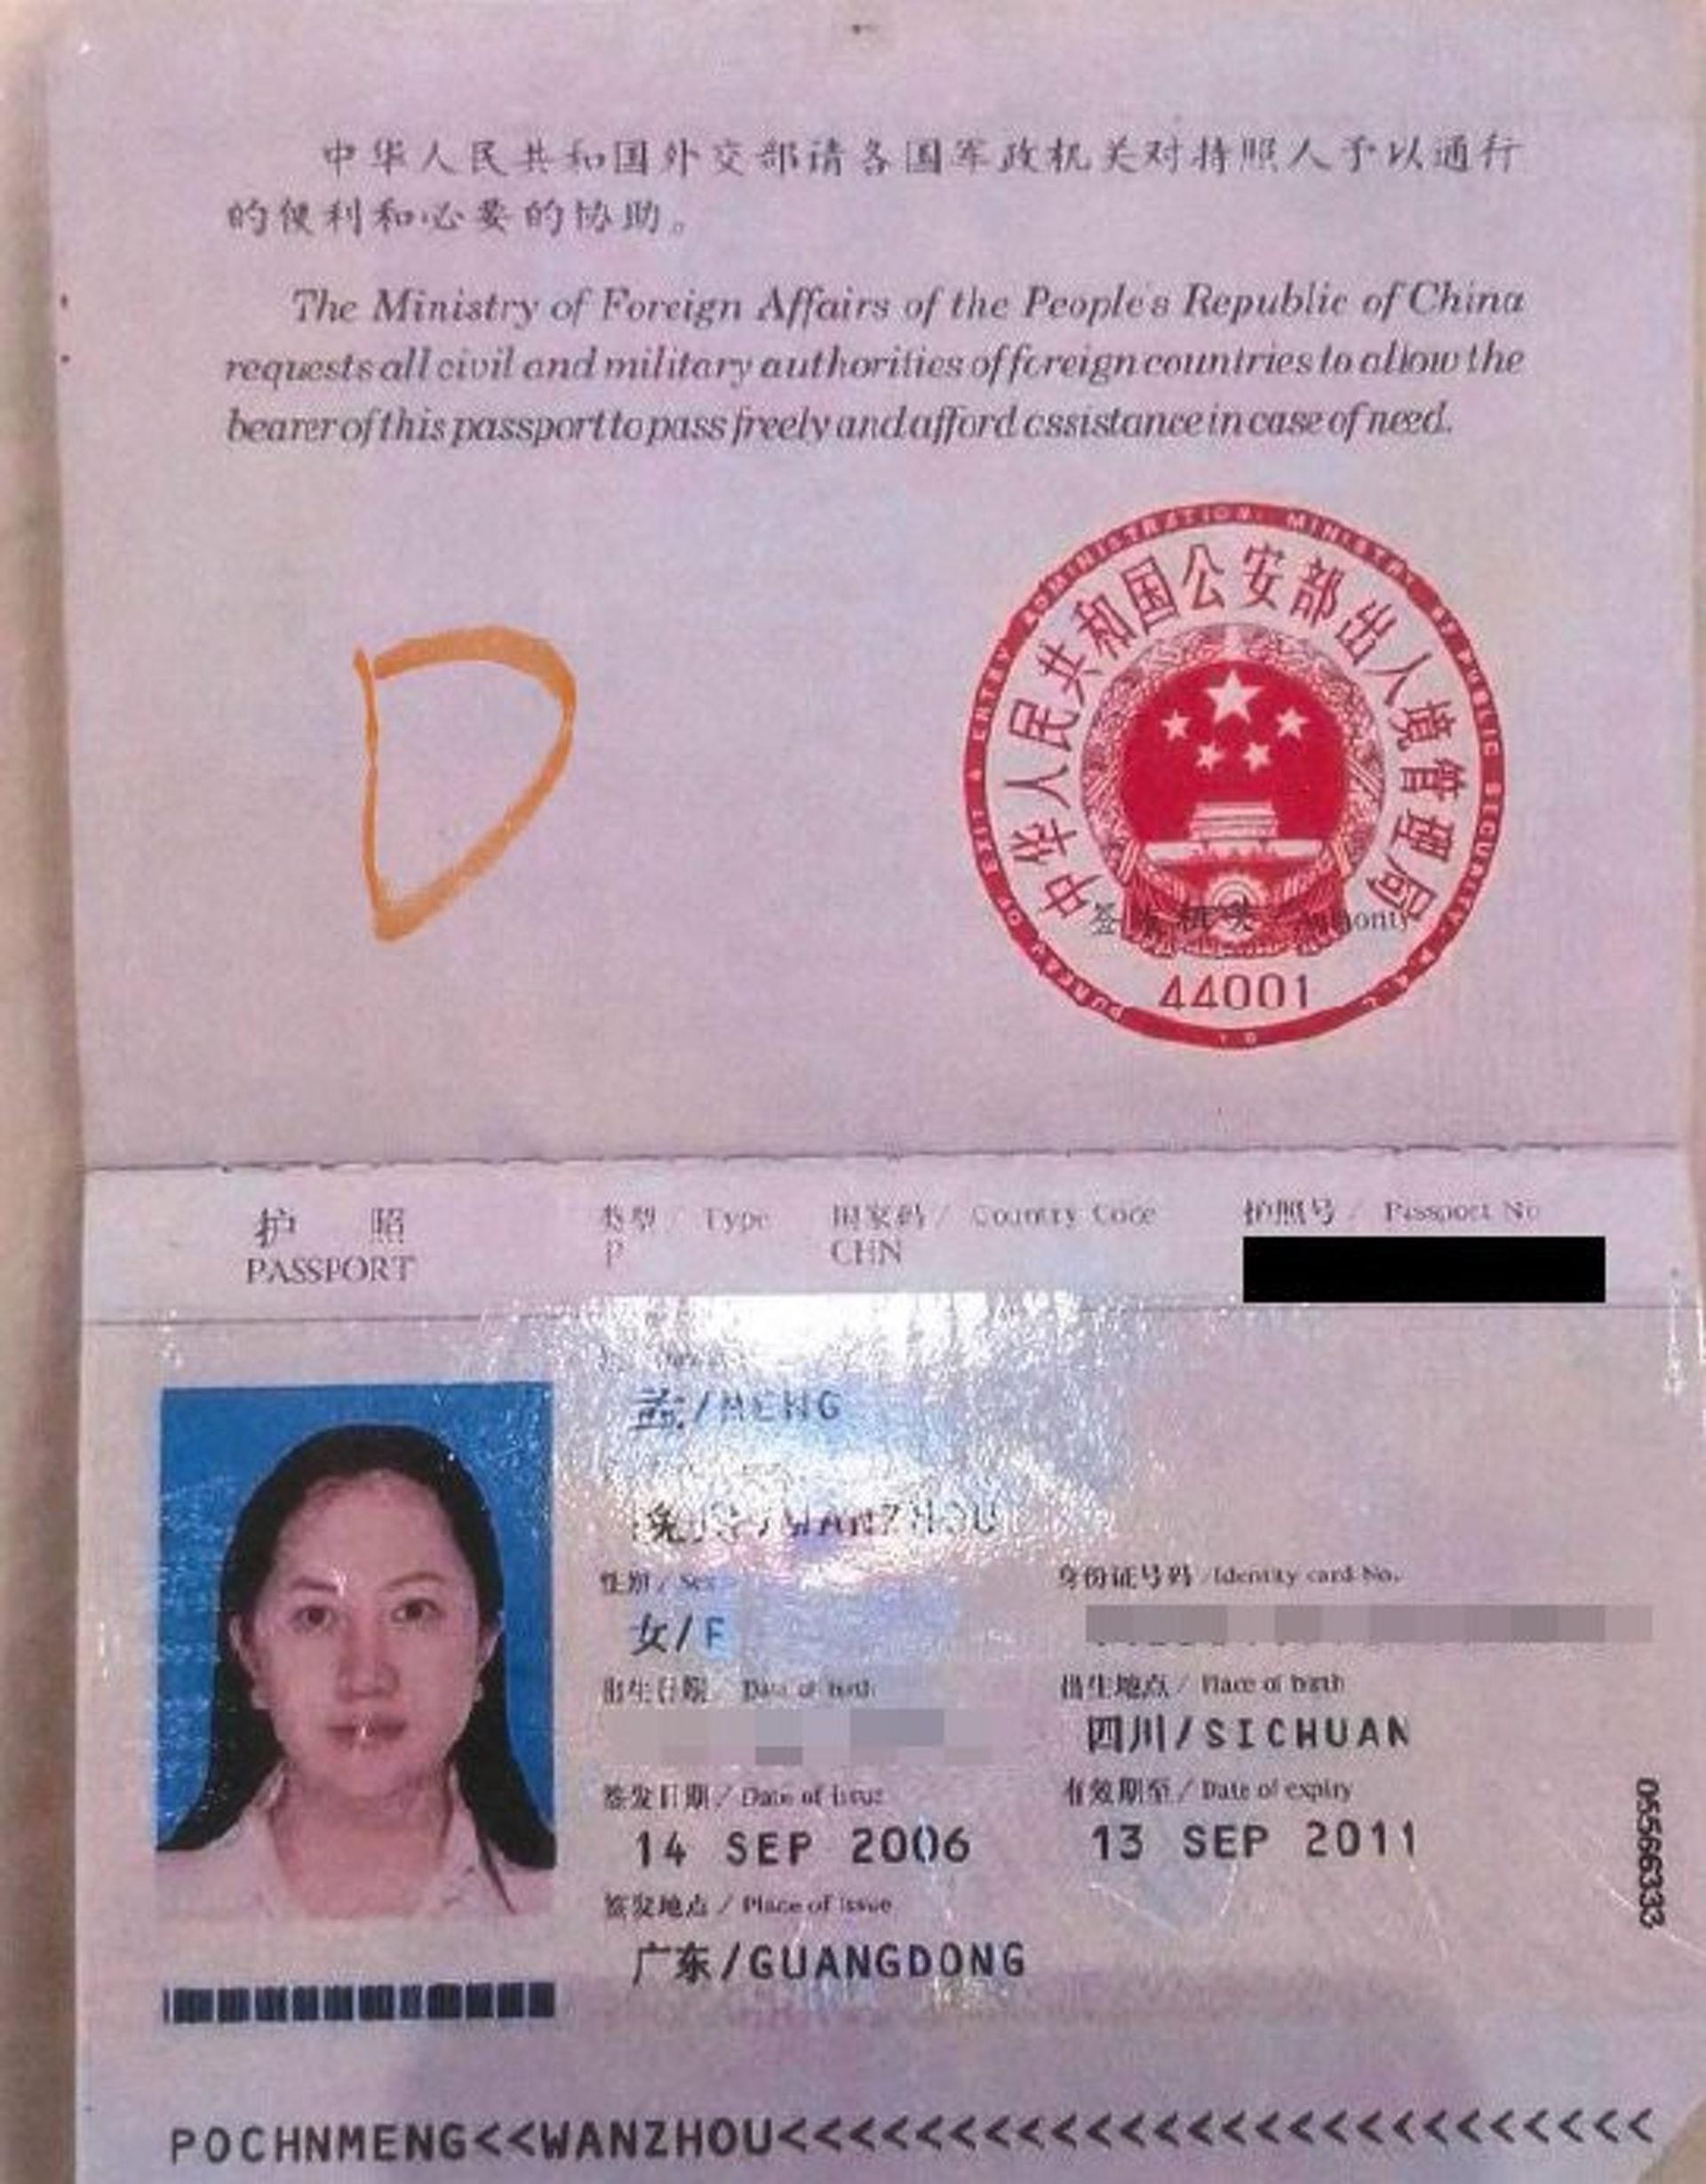 引渡在即 華為香港公司突刪孟晚舟資料 | 華為高管被捕 | 華為公司 | 護照 | 新唐人中文電視臺在線